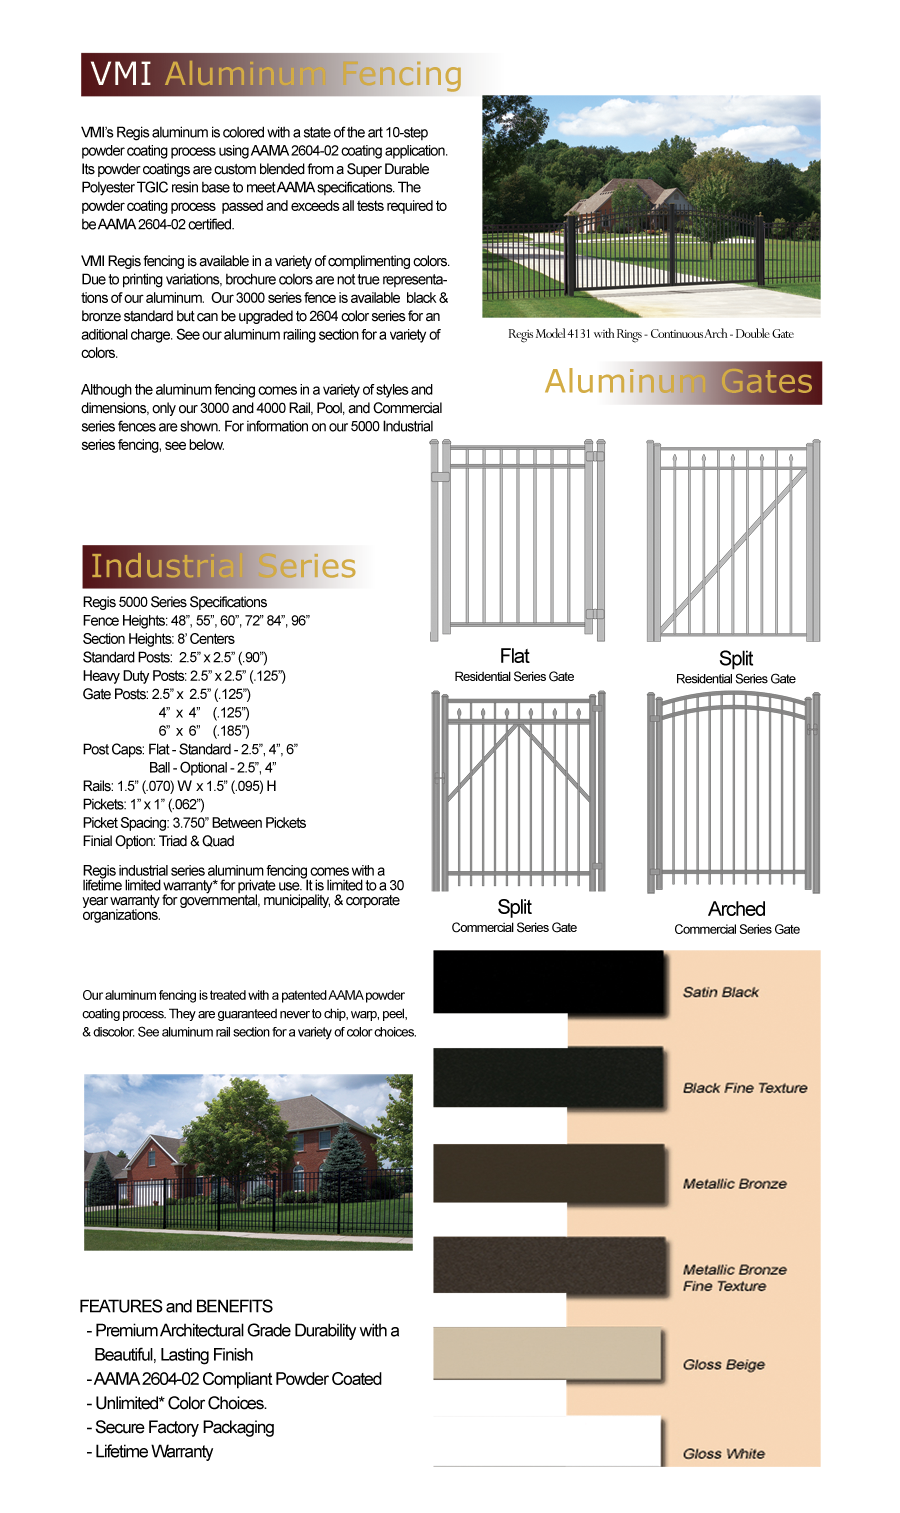 Aluminum Fencing